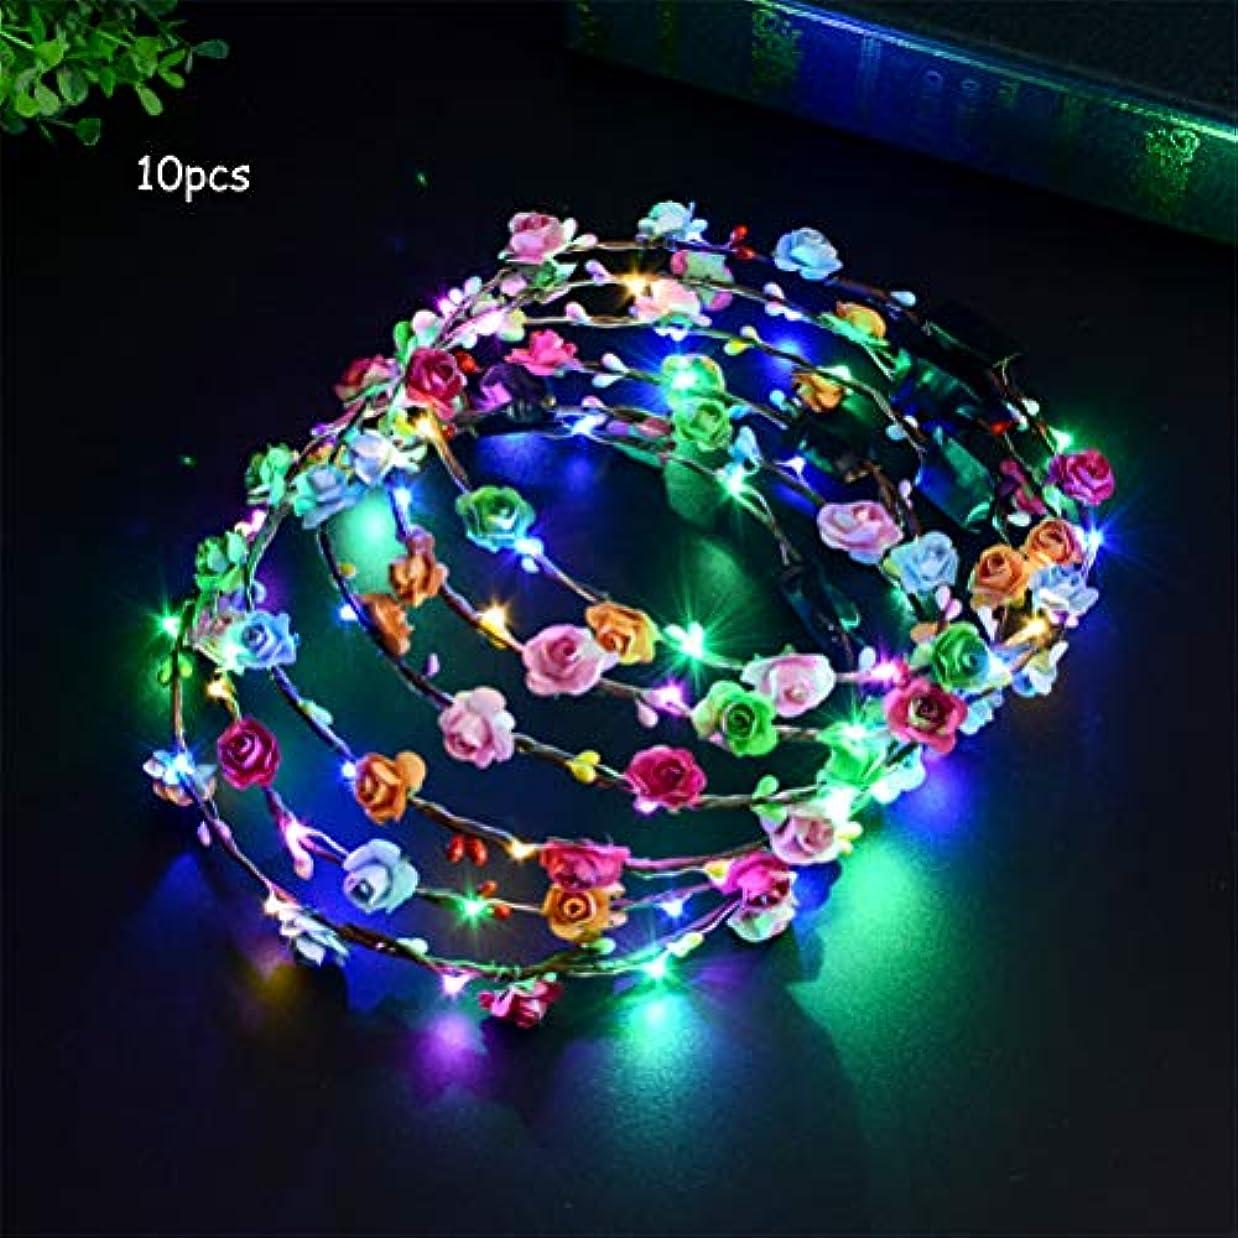 義務的クラッシュ浸す10個LEDフラワーヘッドバンドクラウンは暗闇で光ります